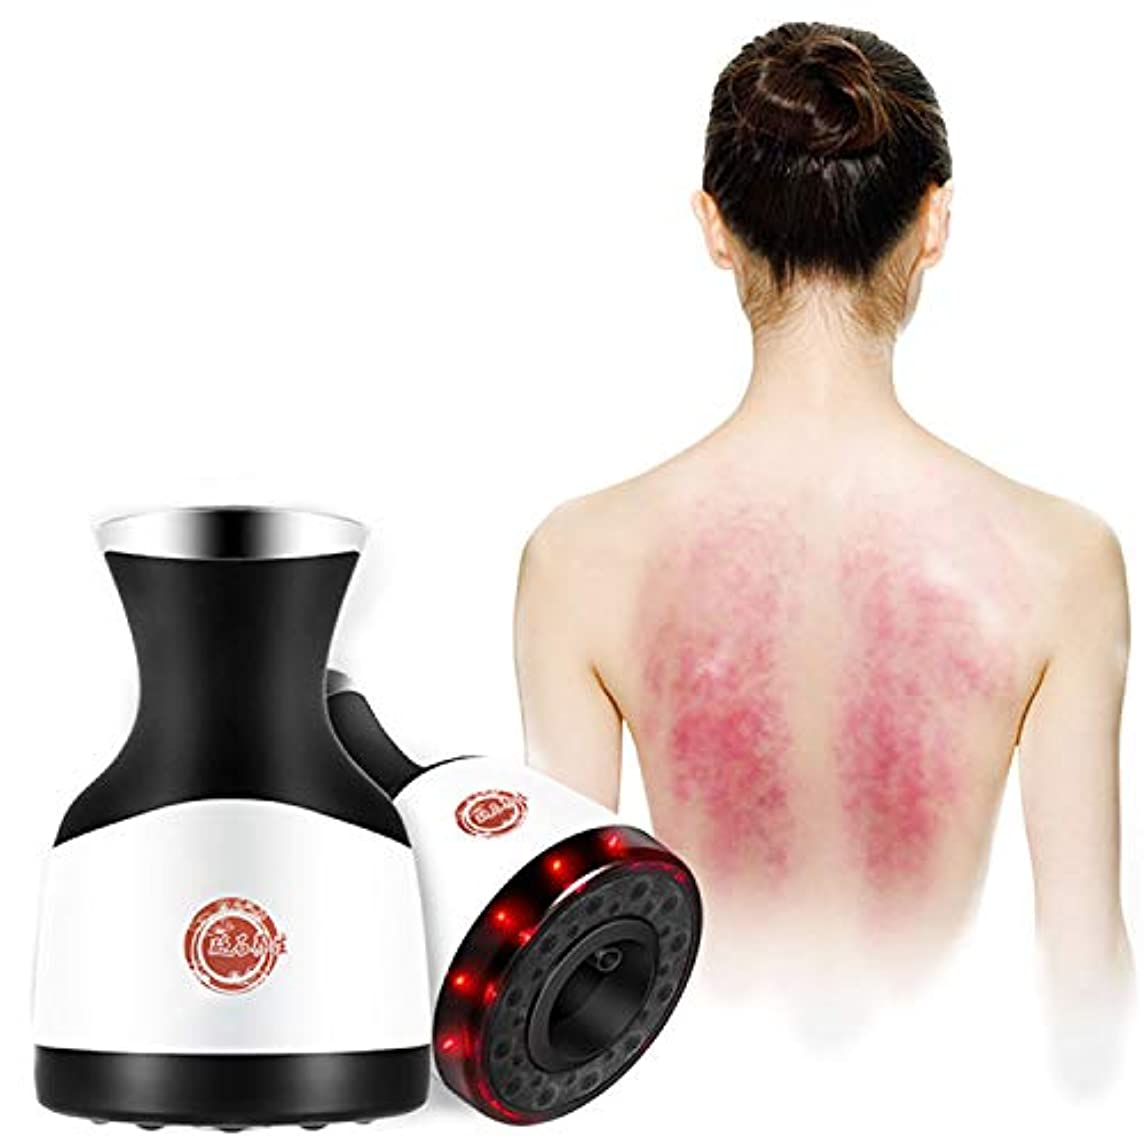 支給私たち自身ユニークなGuasha灸マッサージ、経絡エネルギー機器は、血液循環カッピング吸引鍼灸マッサージ健康ホームズSPAツールを加速します